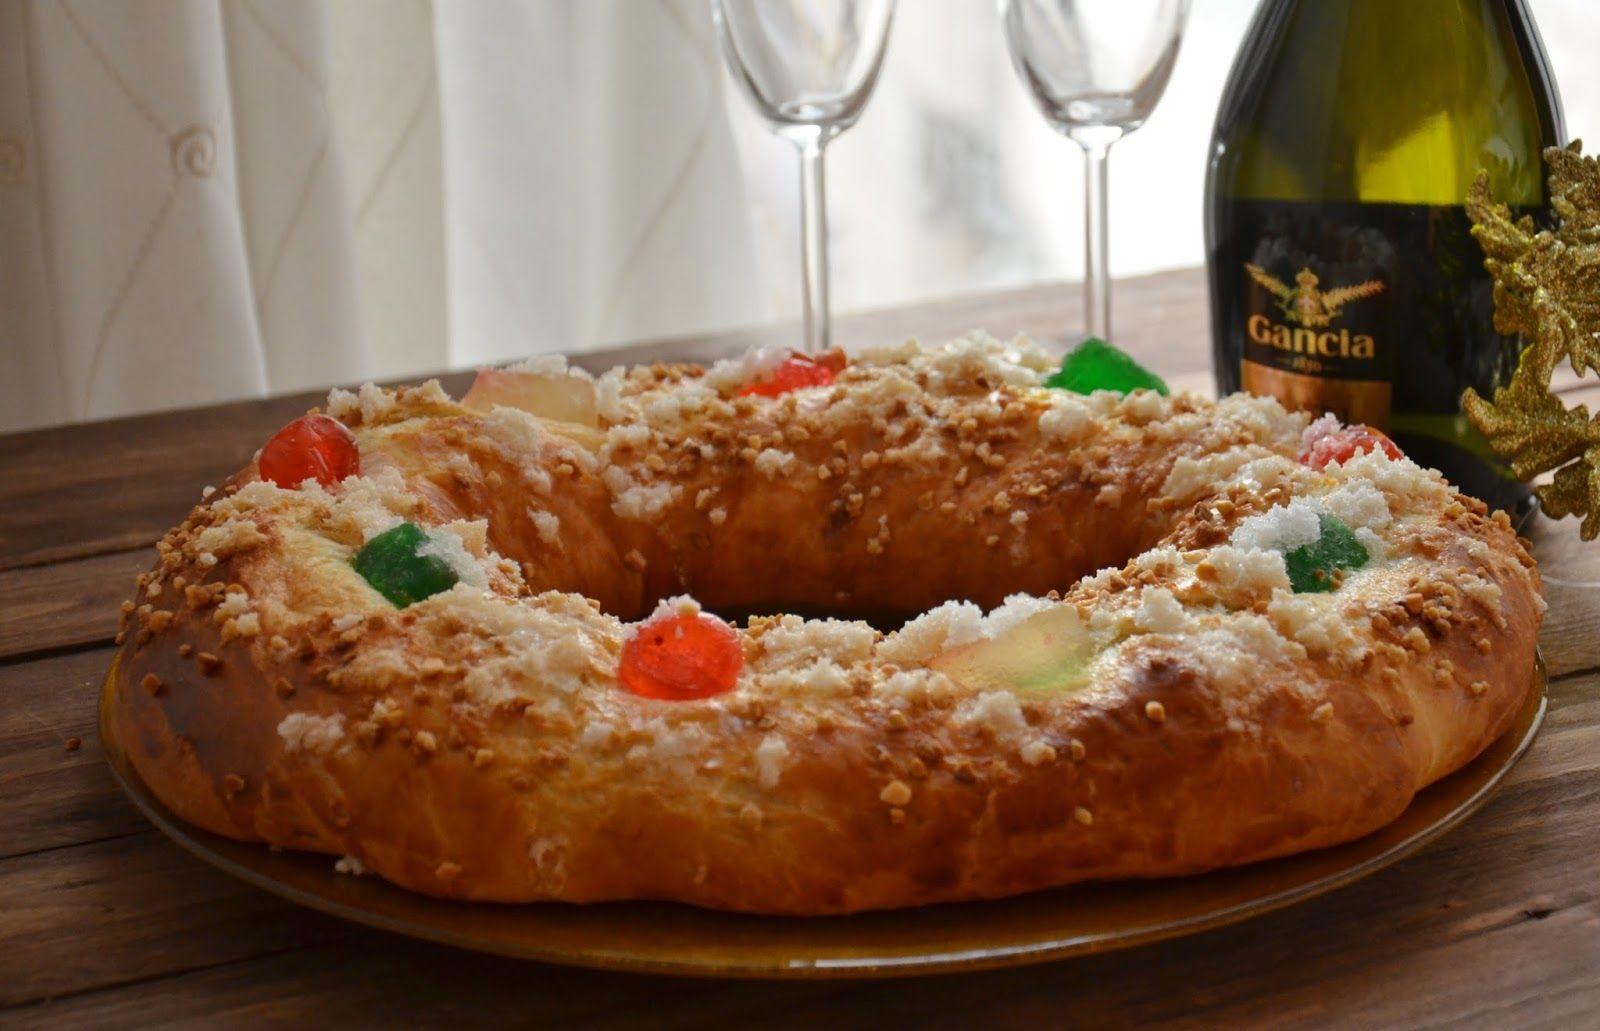 Cuchillito y Tenedor: Roscón de Reyes. Delicioso!!!